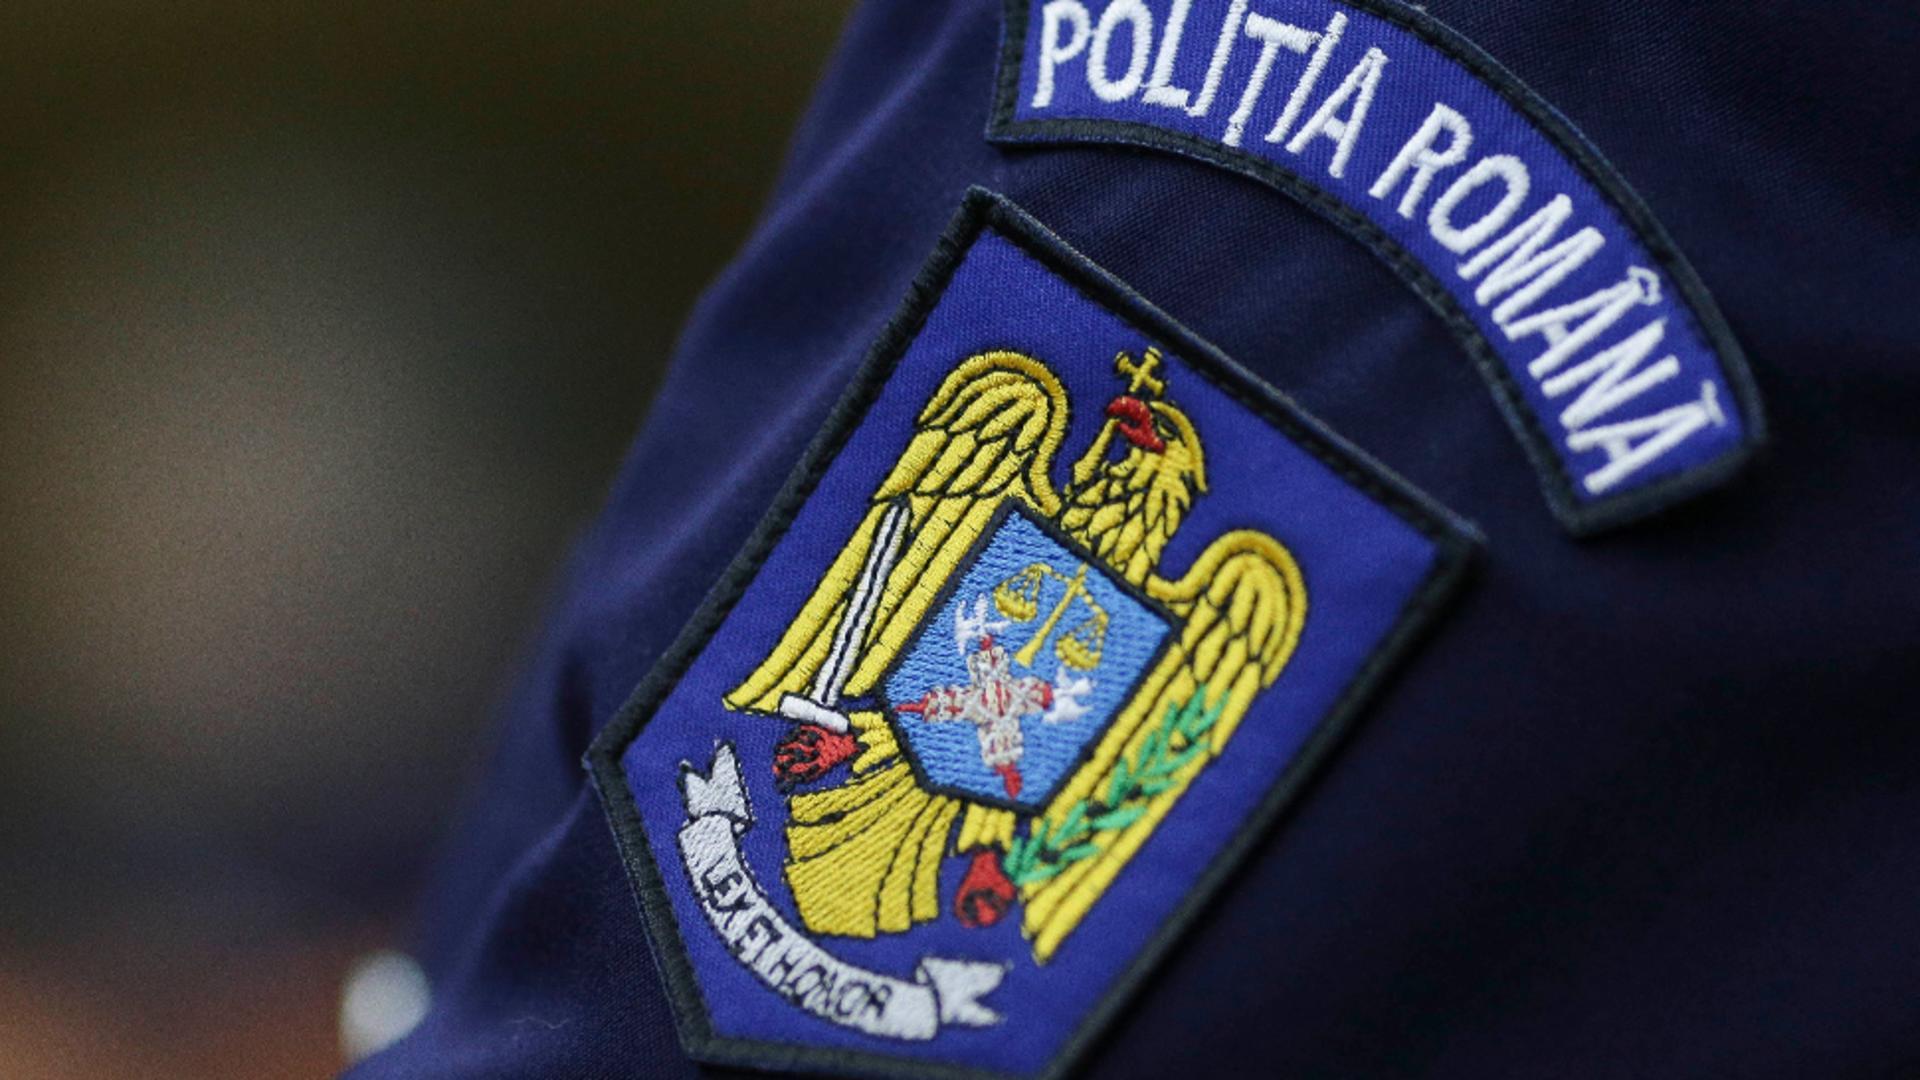 Politia Romana/sursa foto: INQUAM